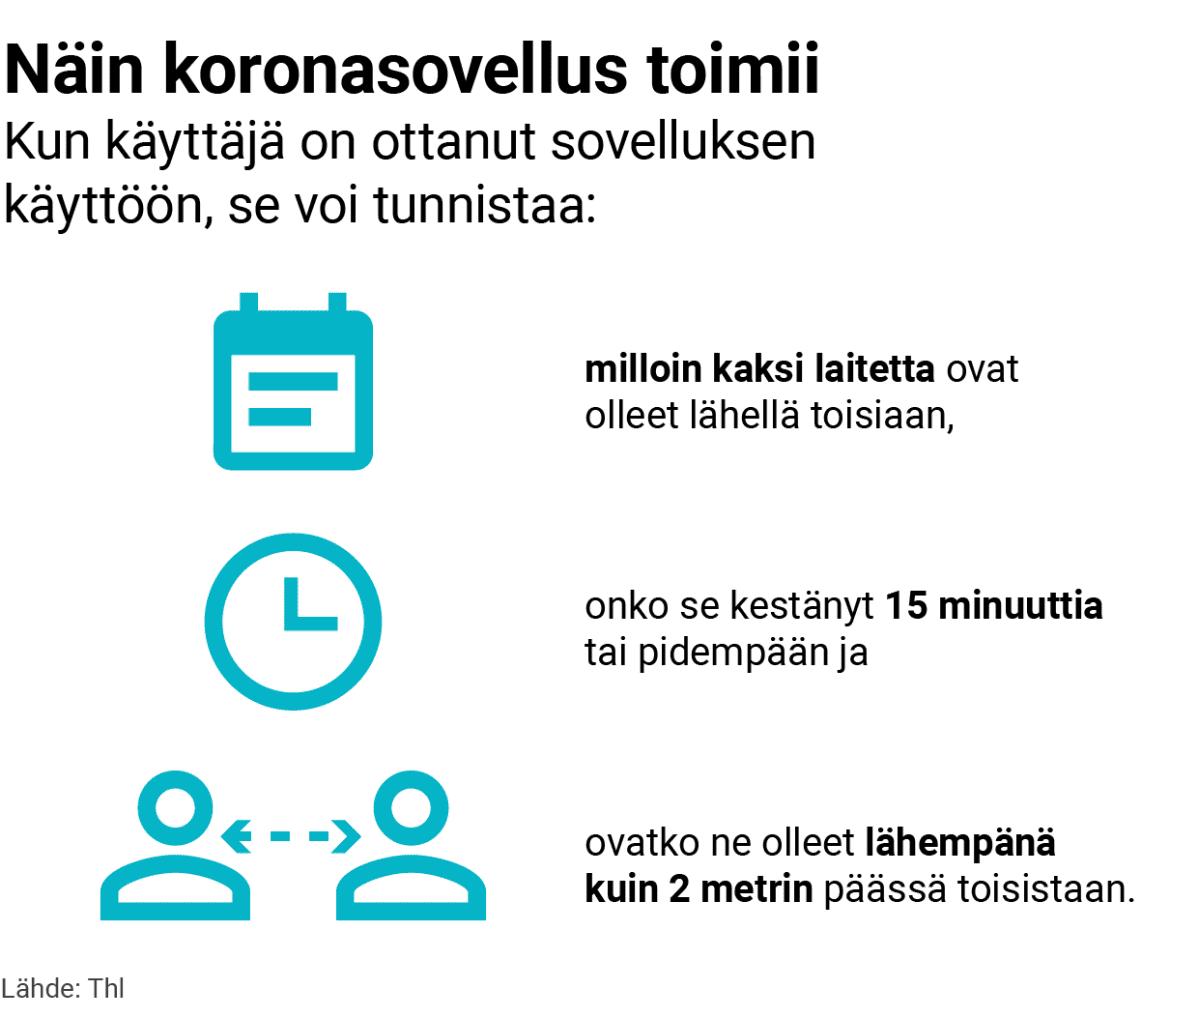 Grafiikka, joka kertoo, miten koronasovellus toimii. Kun käyttäjä on ottanut sovelluksen käyttöön, se voi tunnistaa milloin kaksi laitetta ovat olleet lähellä toisiaan, onko se kestänyt 15 minuuttia tai pidempään ja ovatko ne olleet lähempänä kuin 2 metrin päässä toisistaan. Lähde: Thl